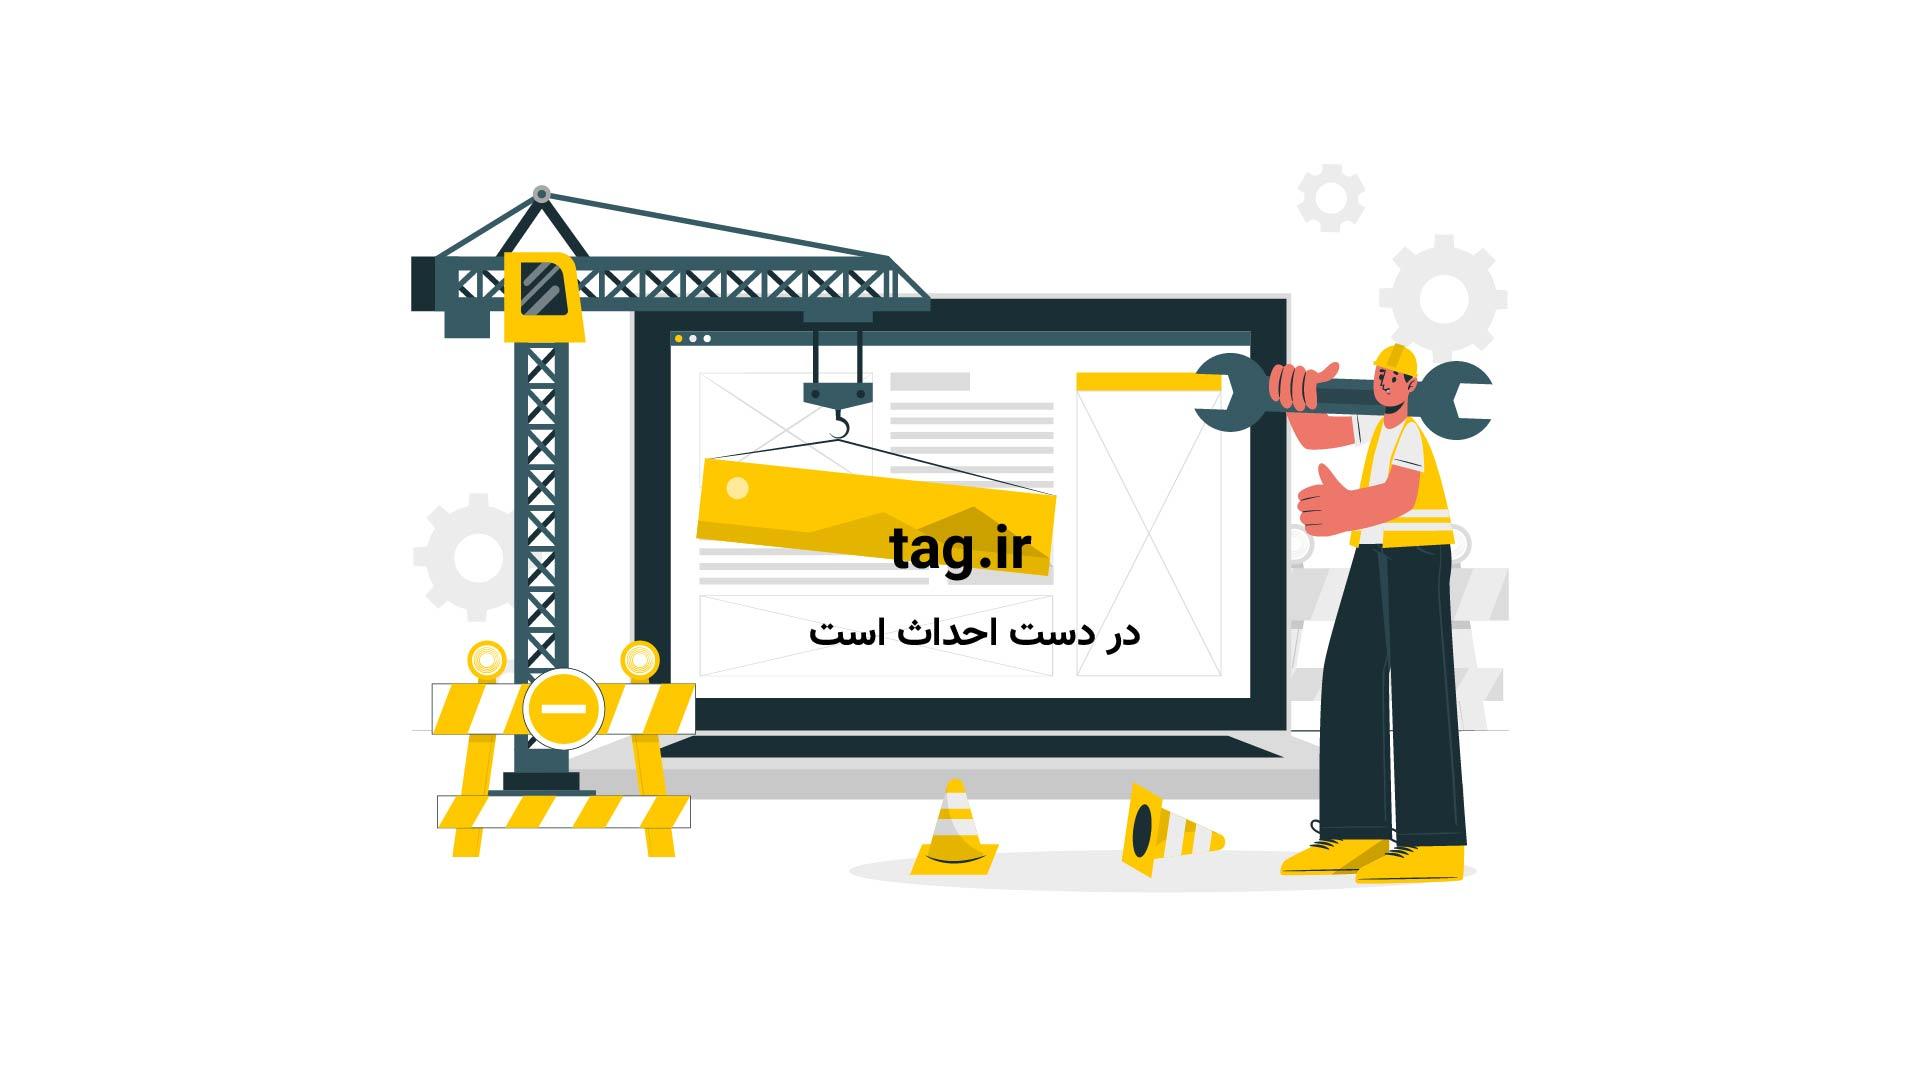 یکی از بهترین بازی های جنگی در واقعیت مجازی   فیلم